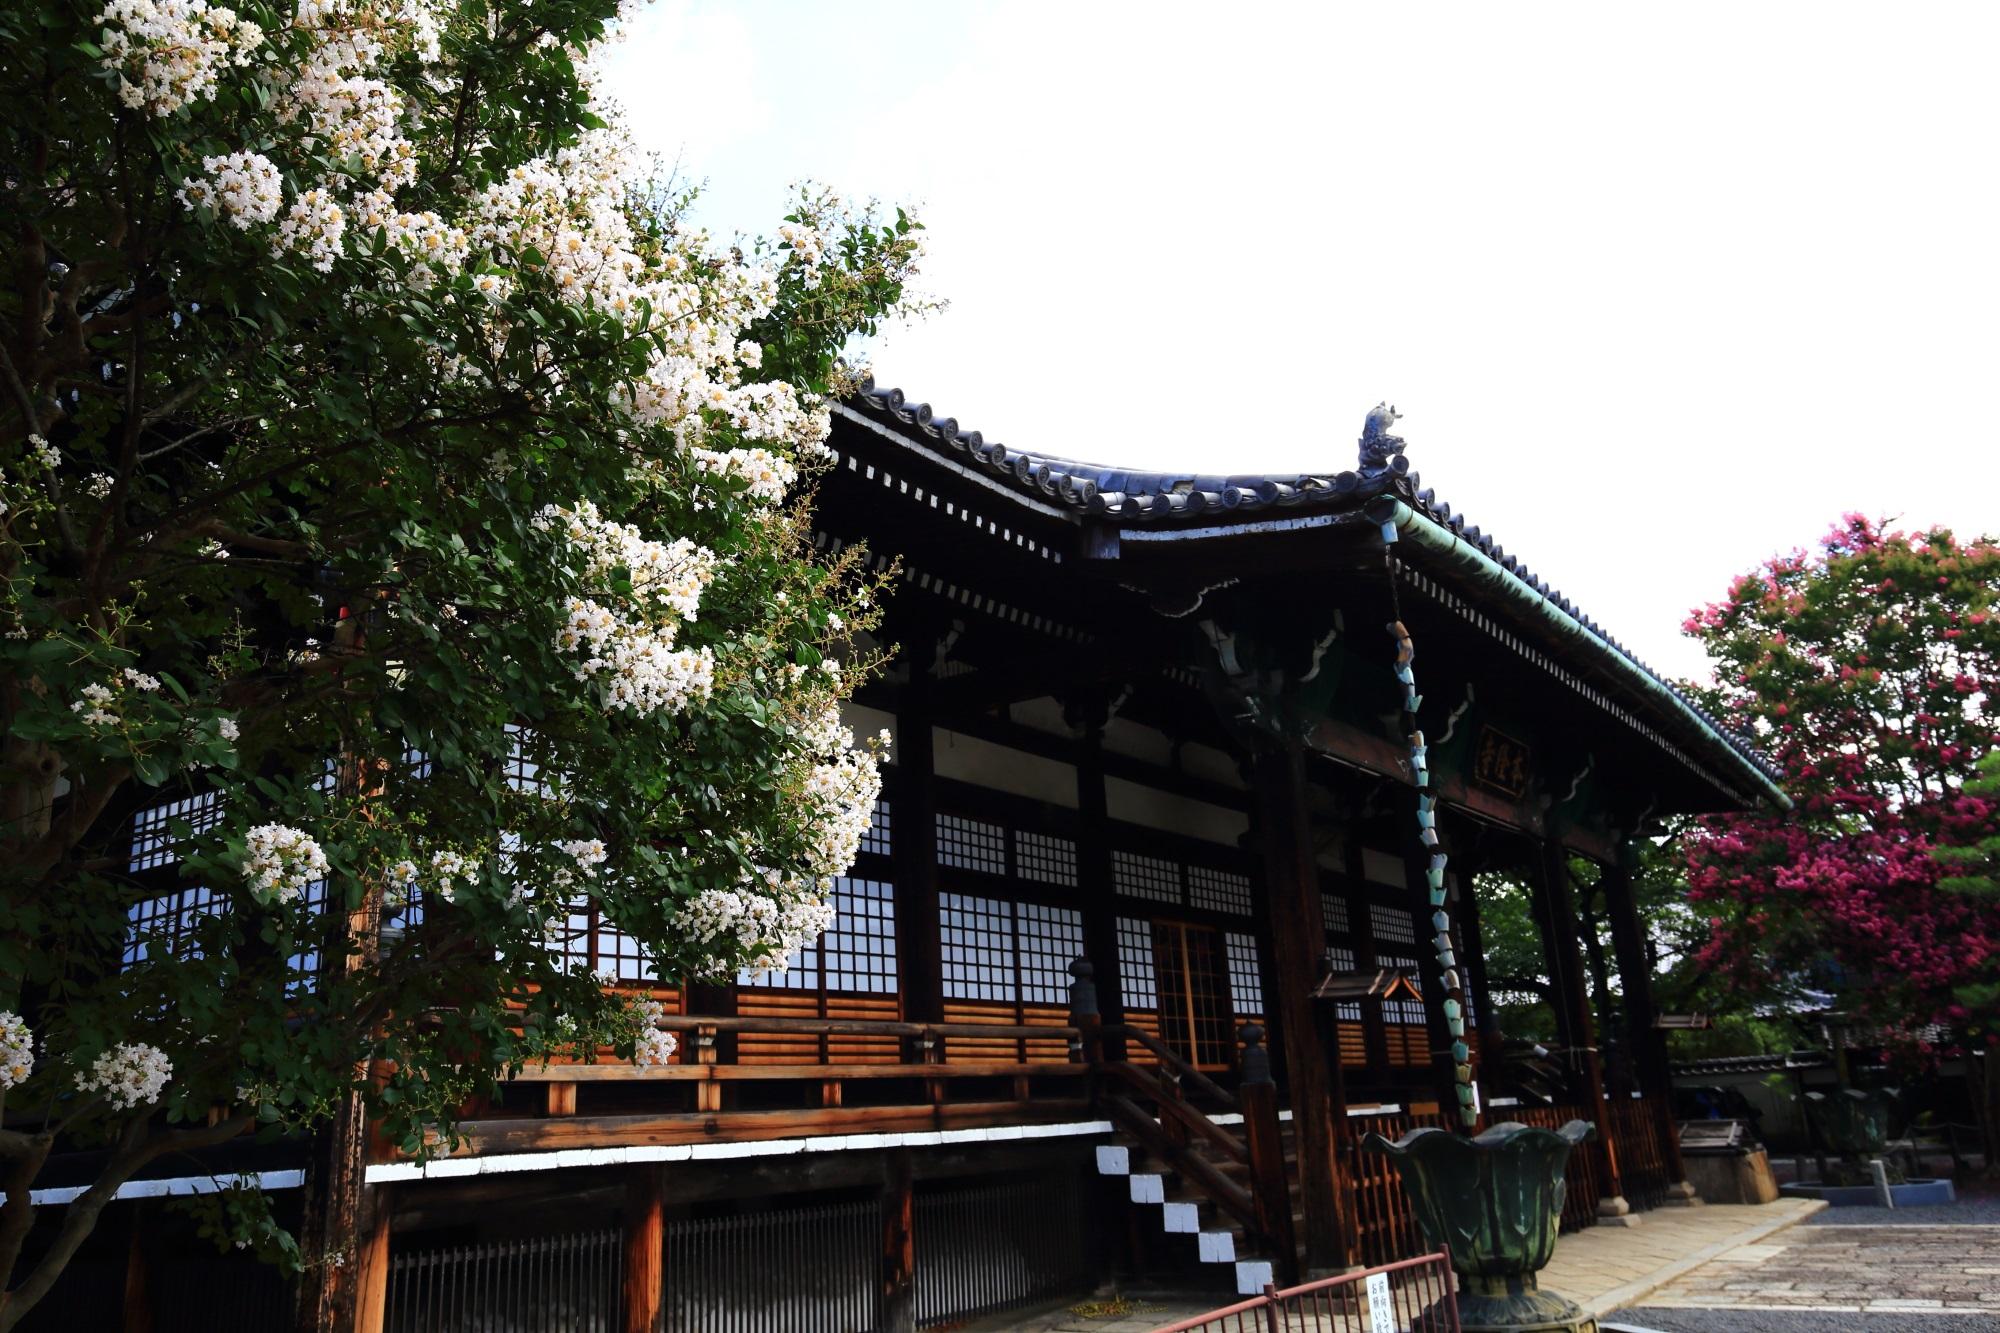 本隆寺の見事に咲く白い百日紅の花